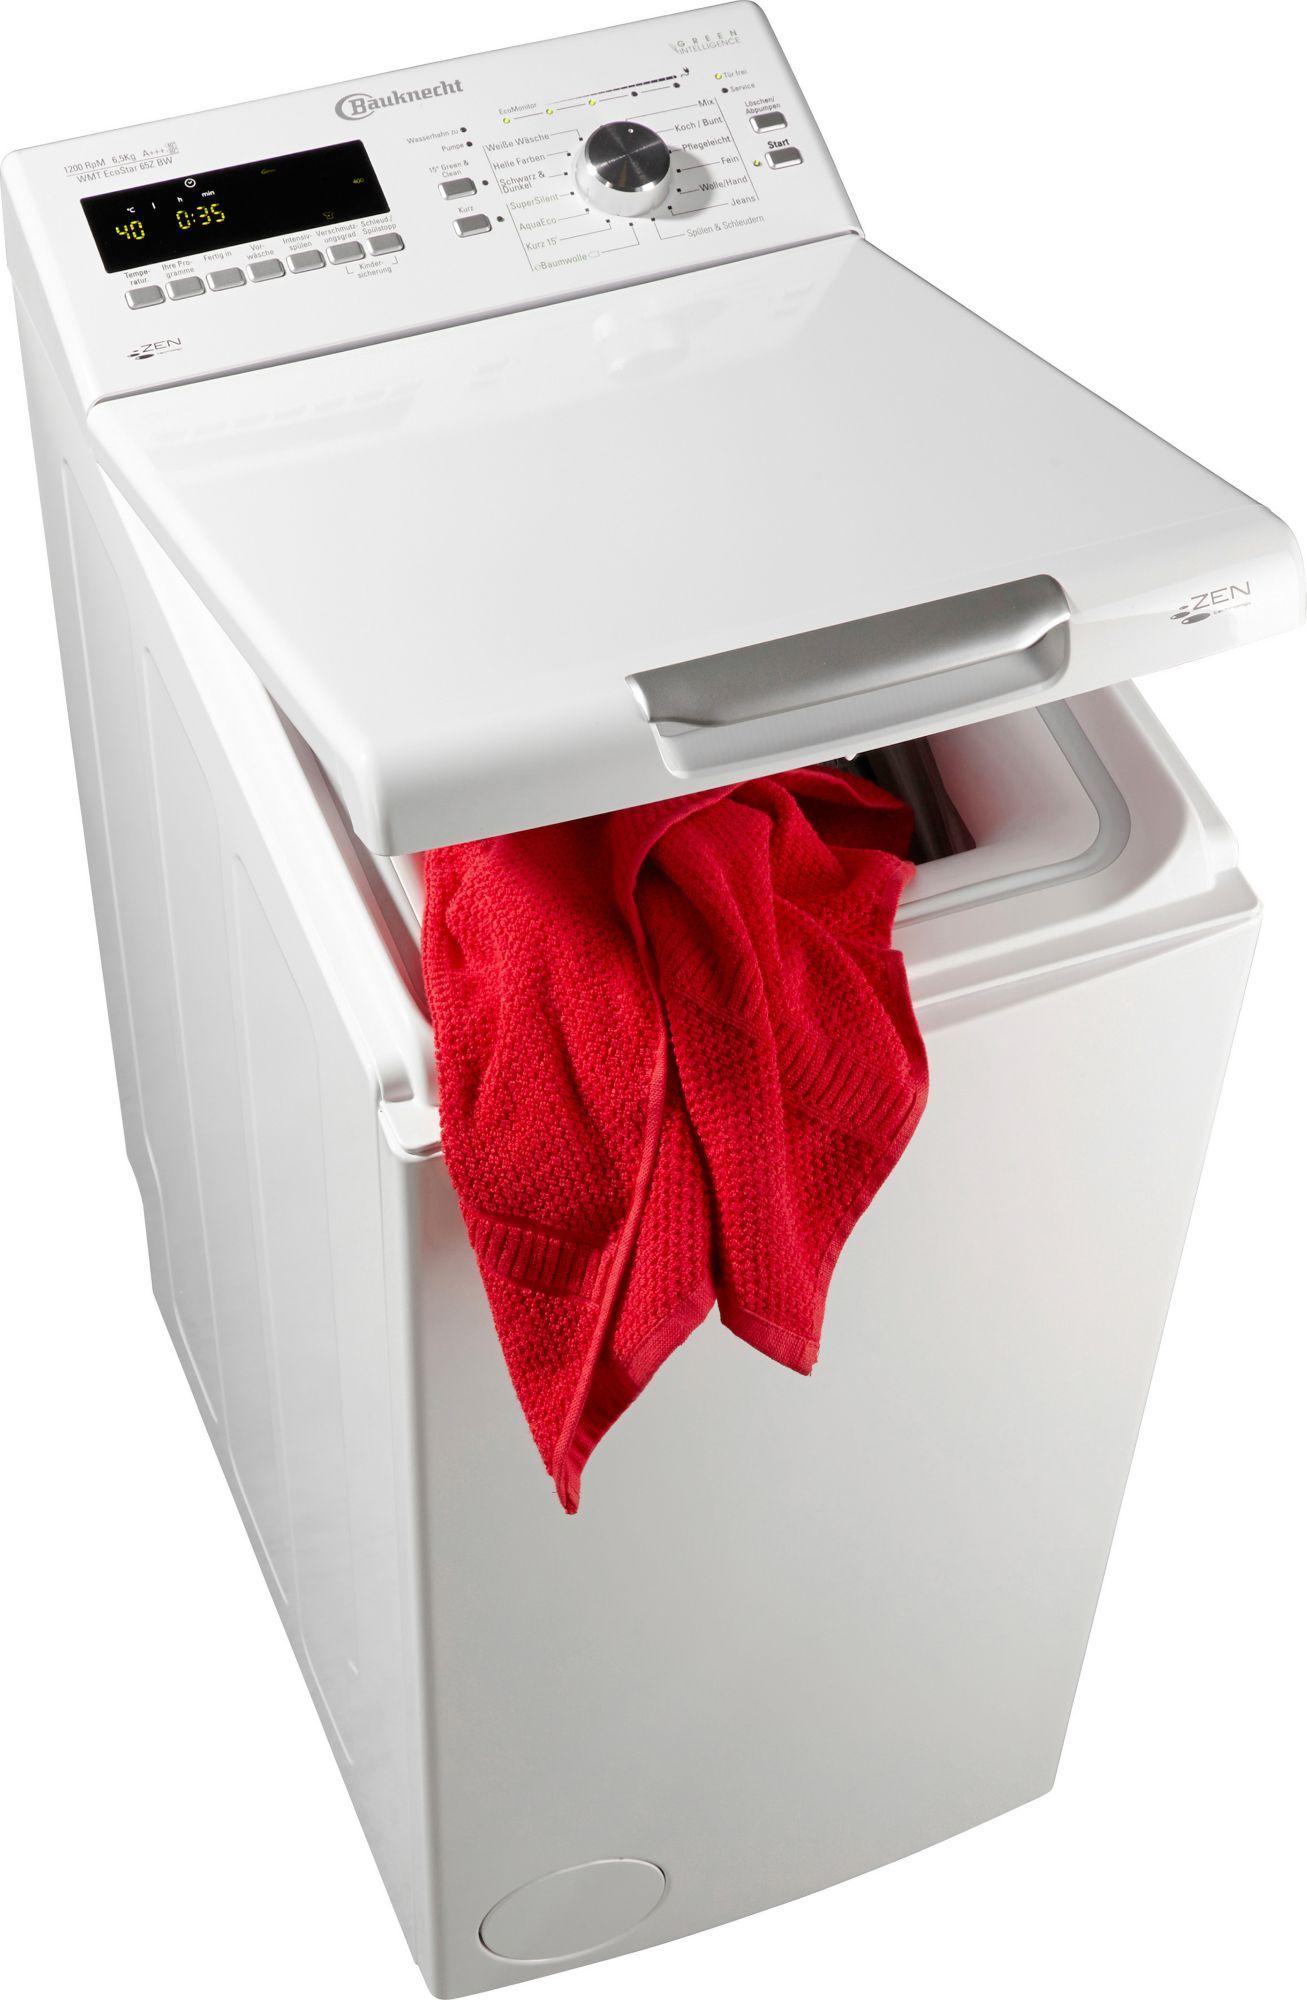 bauknecht waschmaschine toplader wmt ecostar 65z bw a 6 5 kg 1200 u min schwab versand. Black Bedroom Furniture Sets. Home Design Ideas